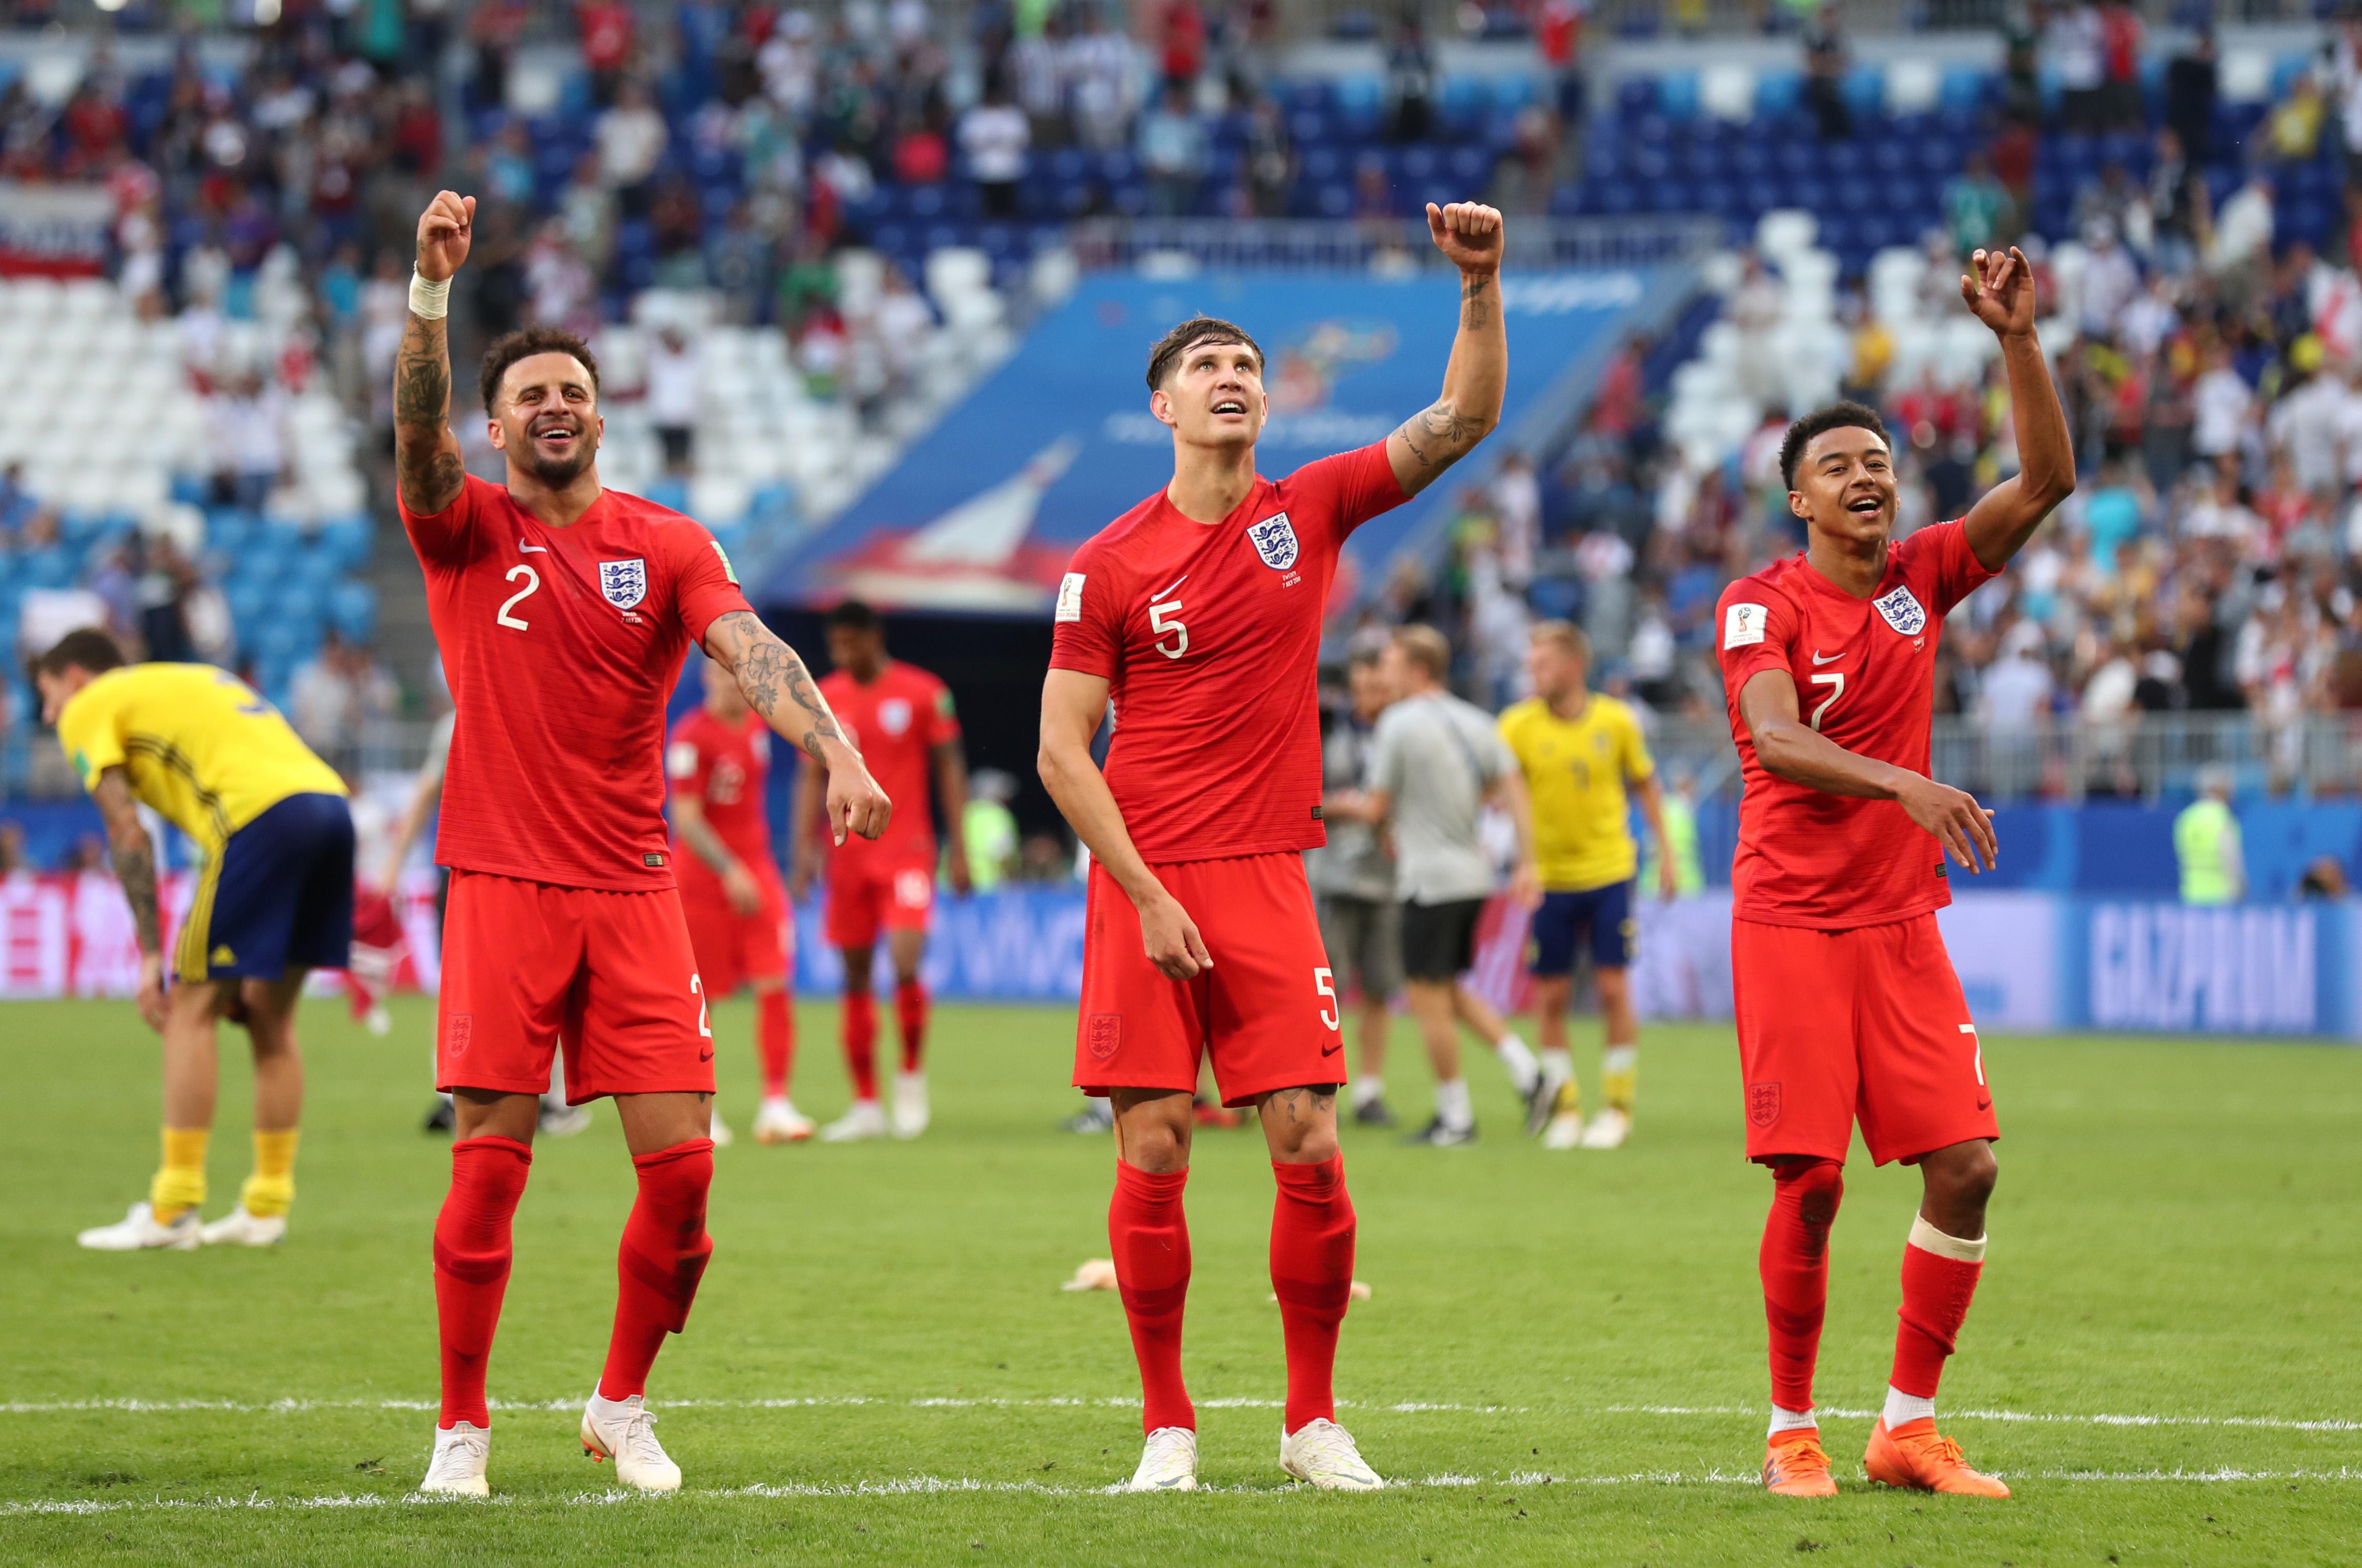 Inglaterra Suecia Mundial Rusia 2018 Cuartos de Final Goles